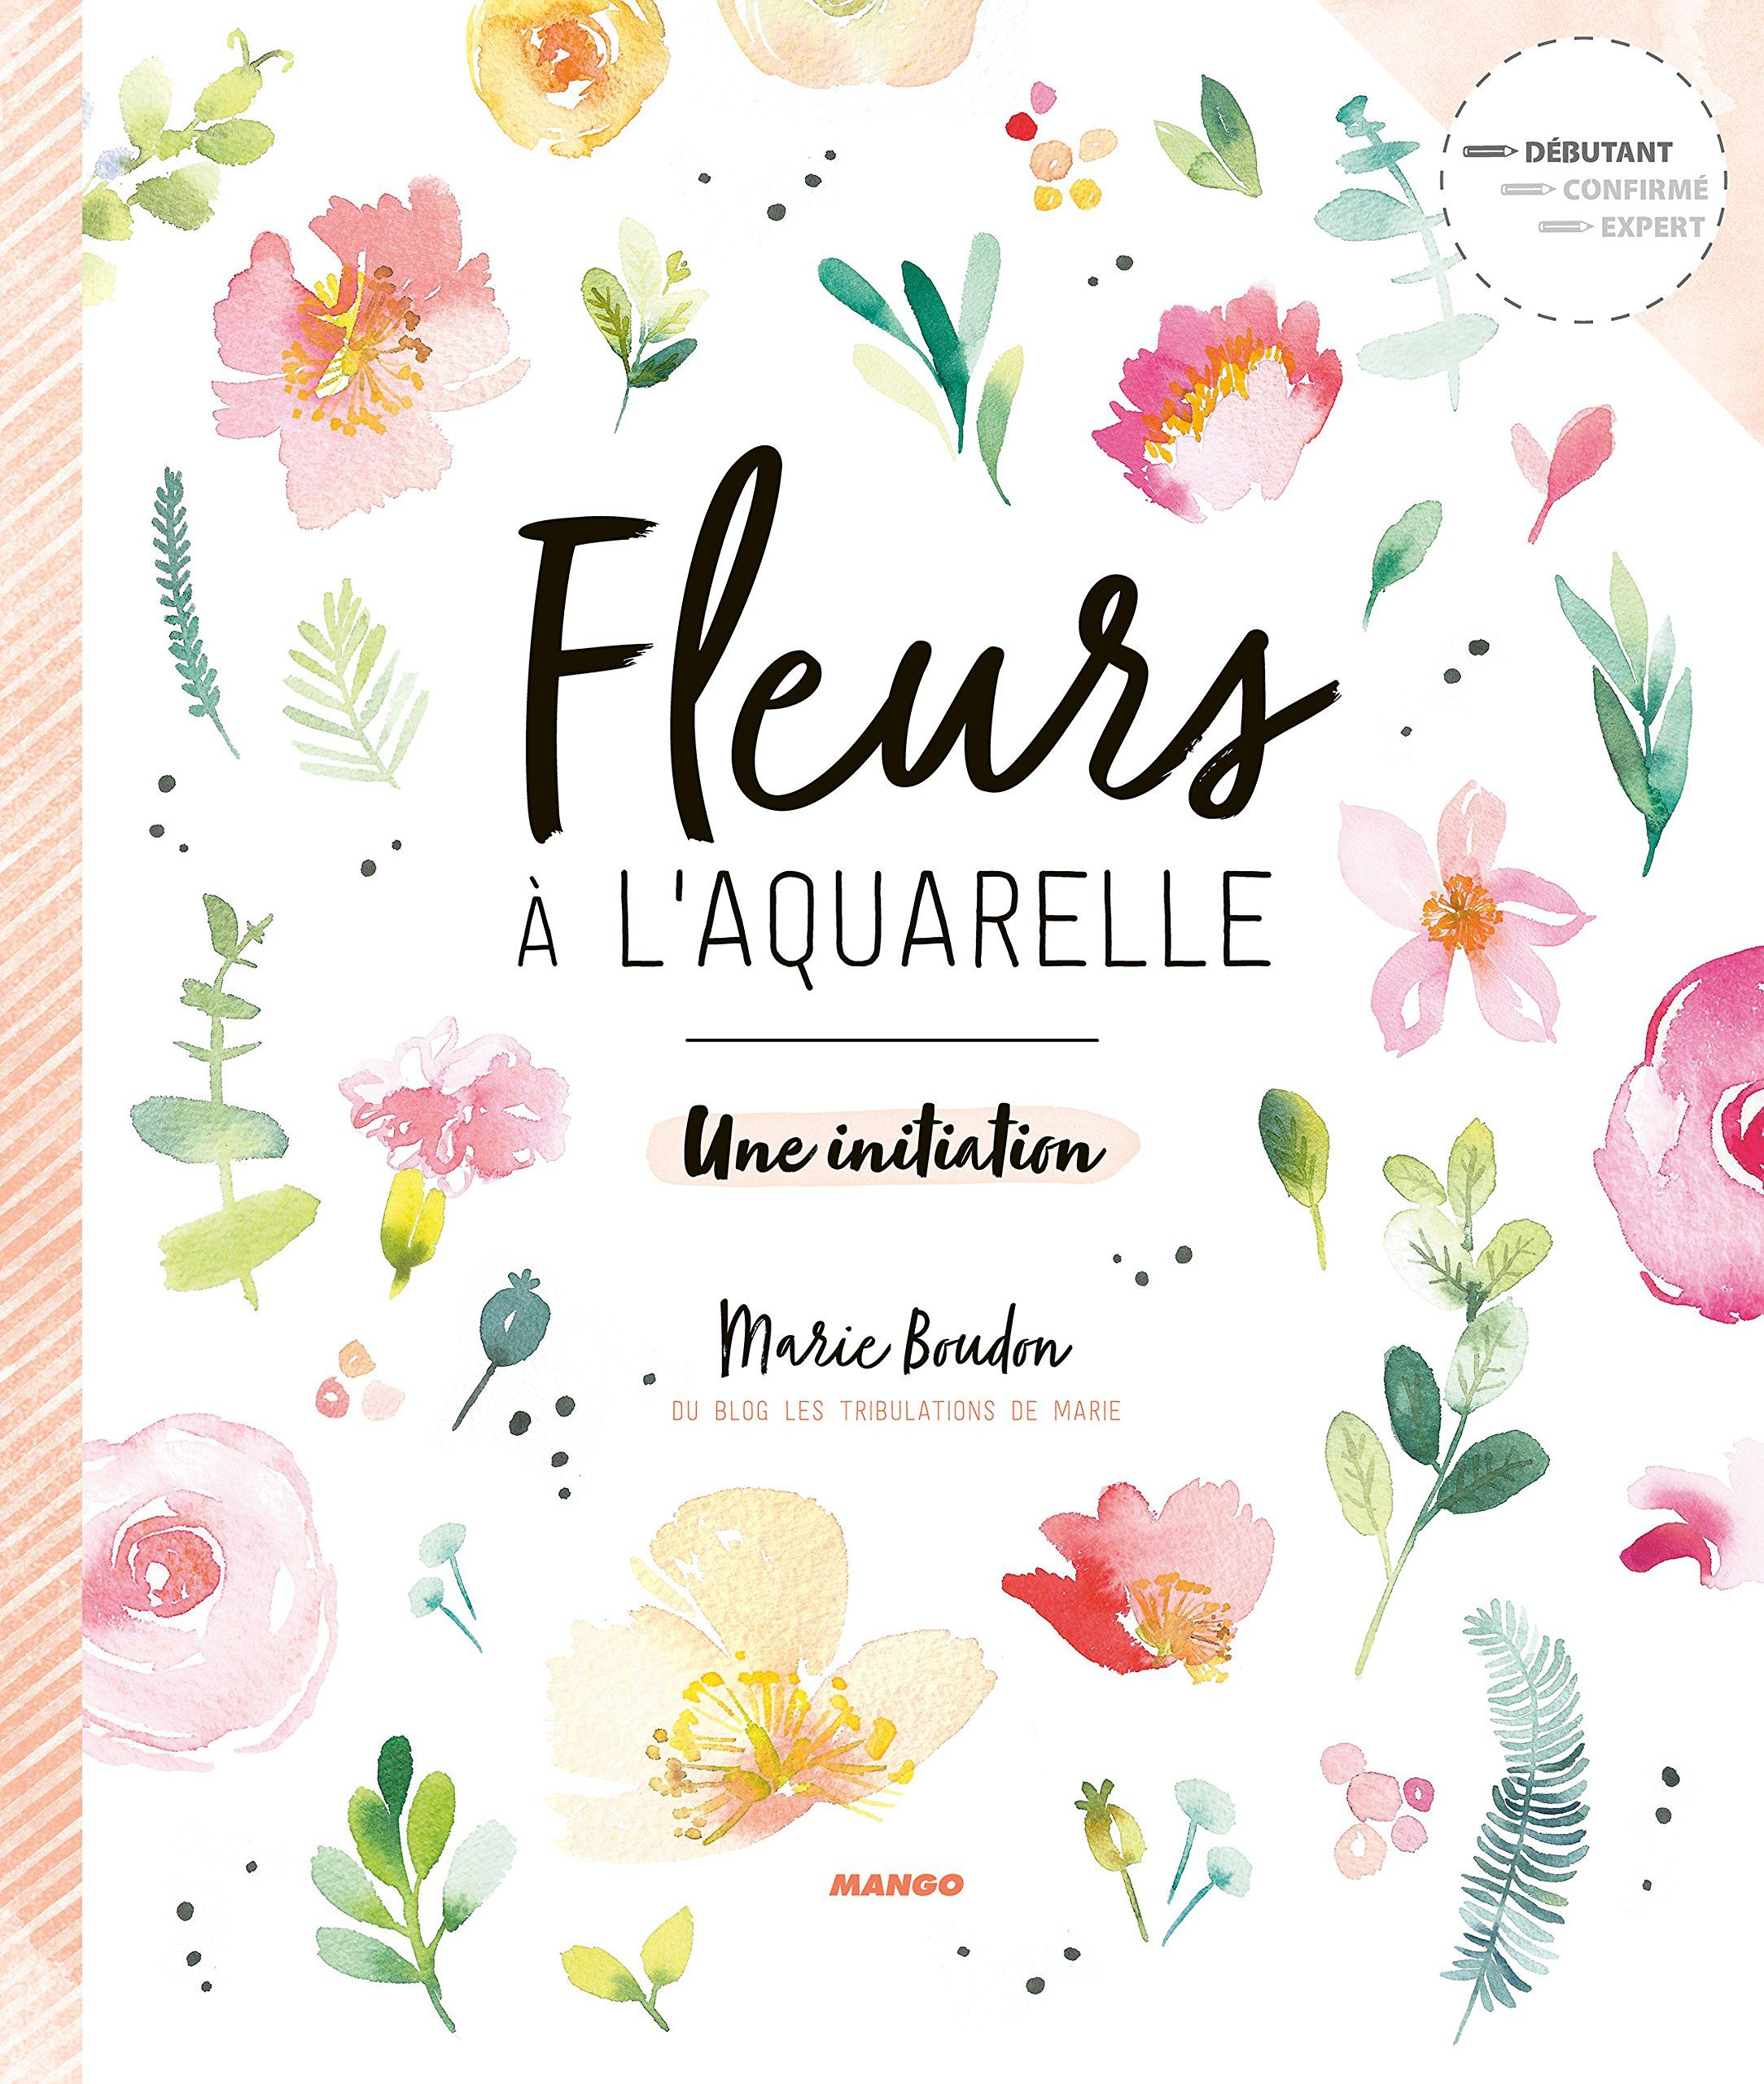 Fleurs A L Aquarelle De Marie Boudon Book Lovers Gifts Paper